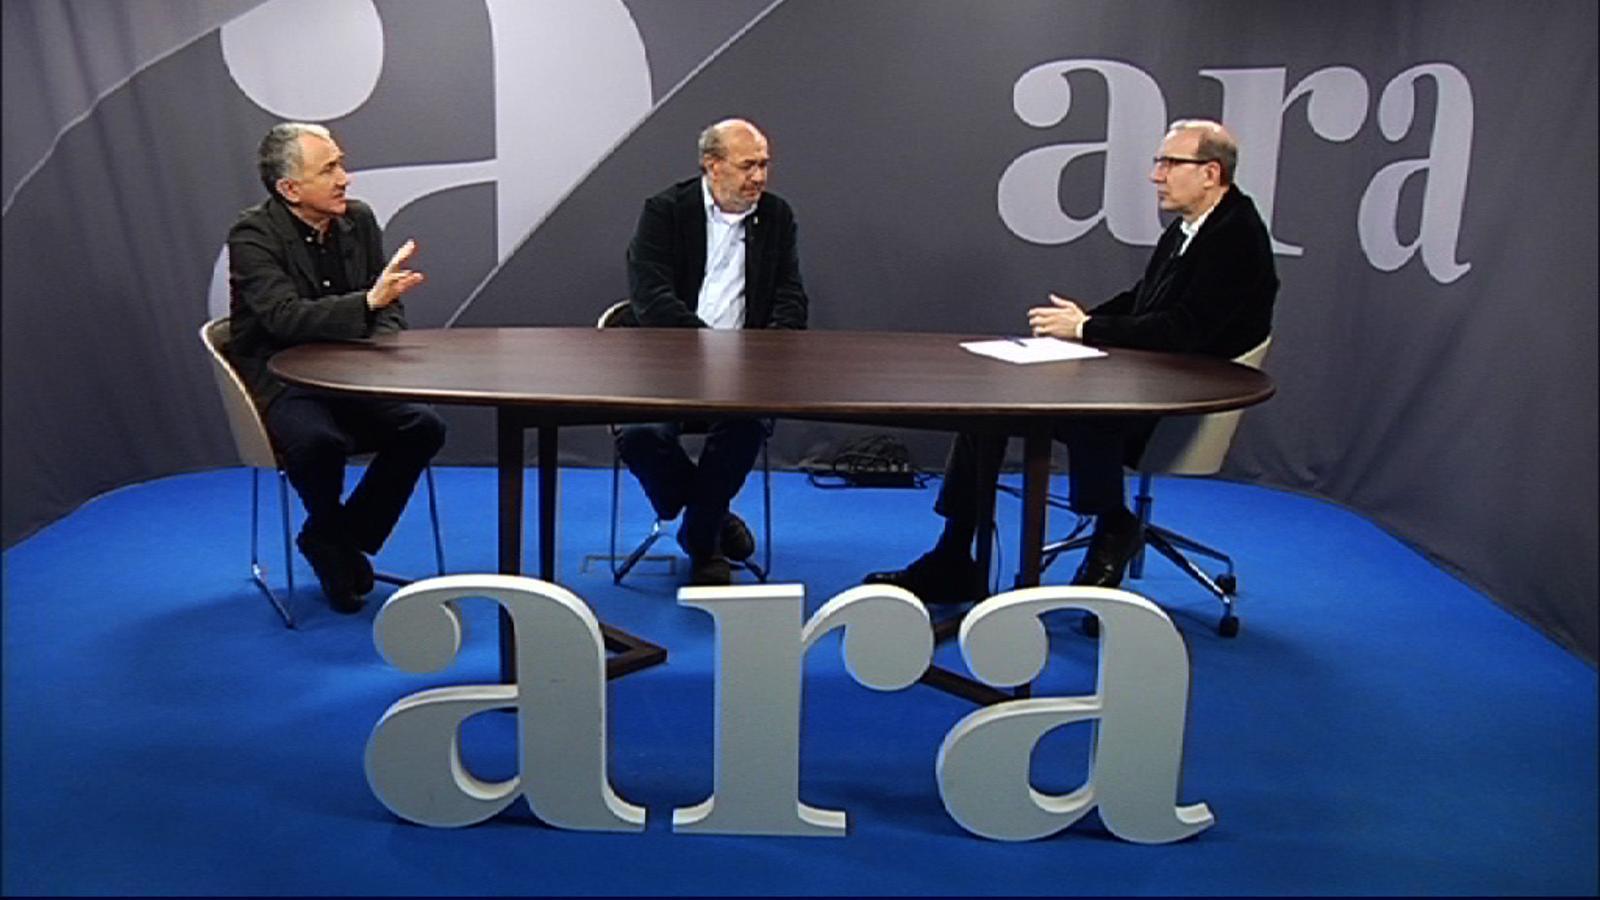 Joan Carles Gallego (CCOO): Les empreses més competitives són les que tenen ocupació estable i bons sous